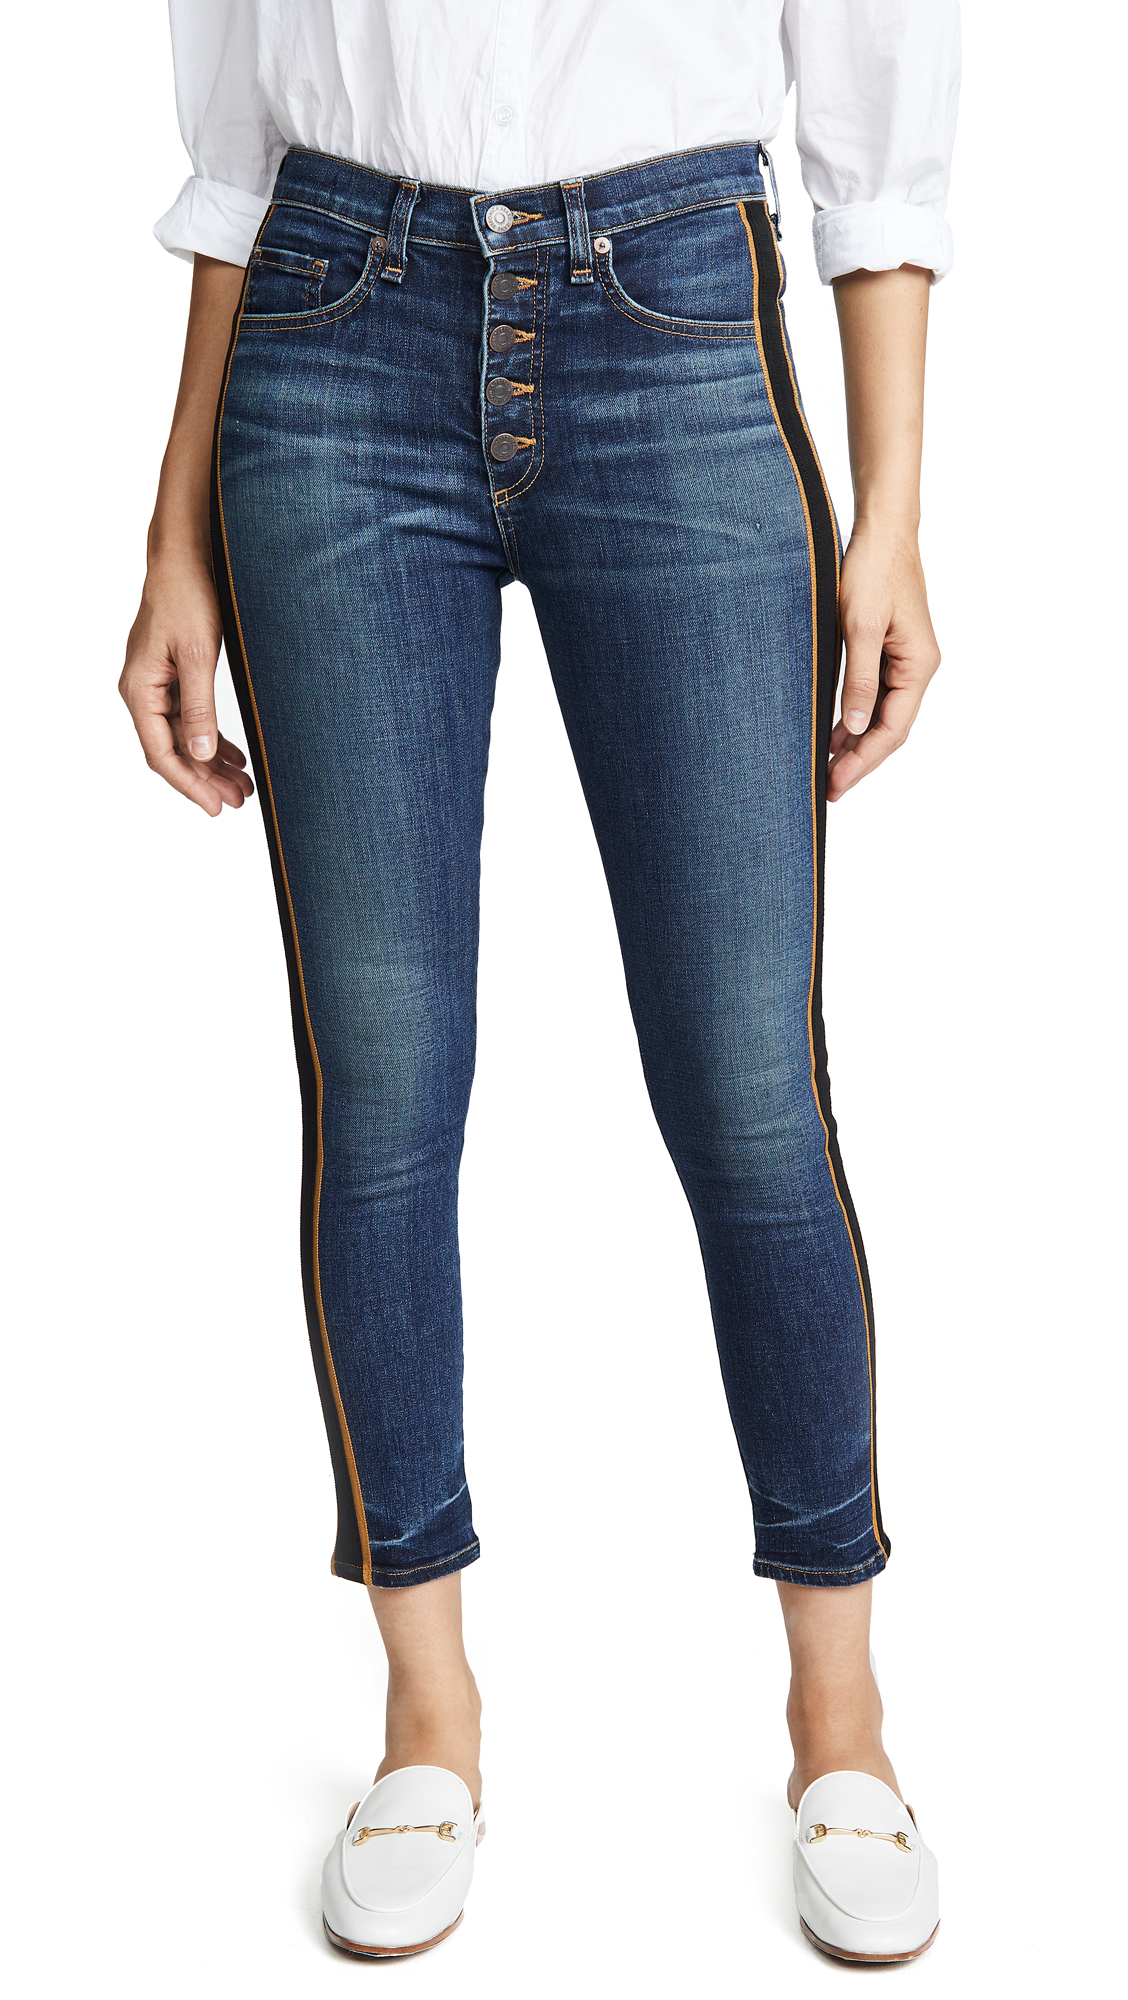 """Veronica Beard Jean Debbie 10 Skinny Jeans with Tuxedo Stripe"""" In Blue Tidal"""